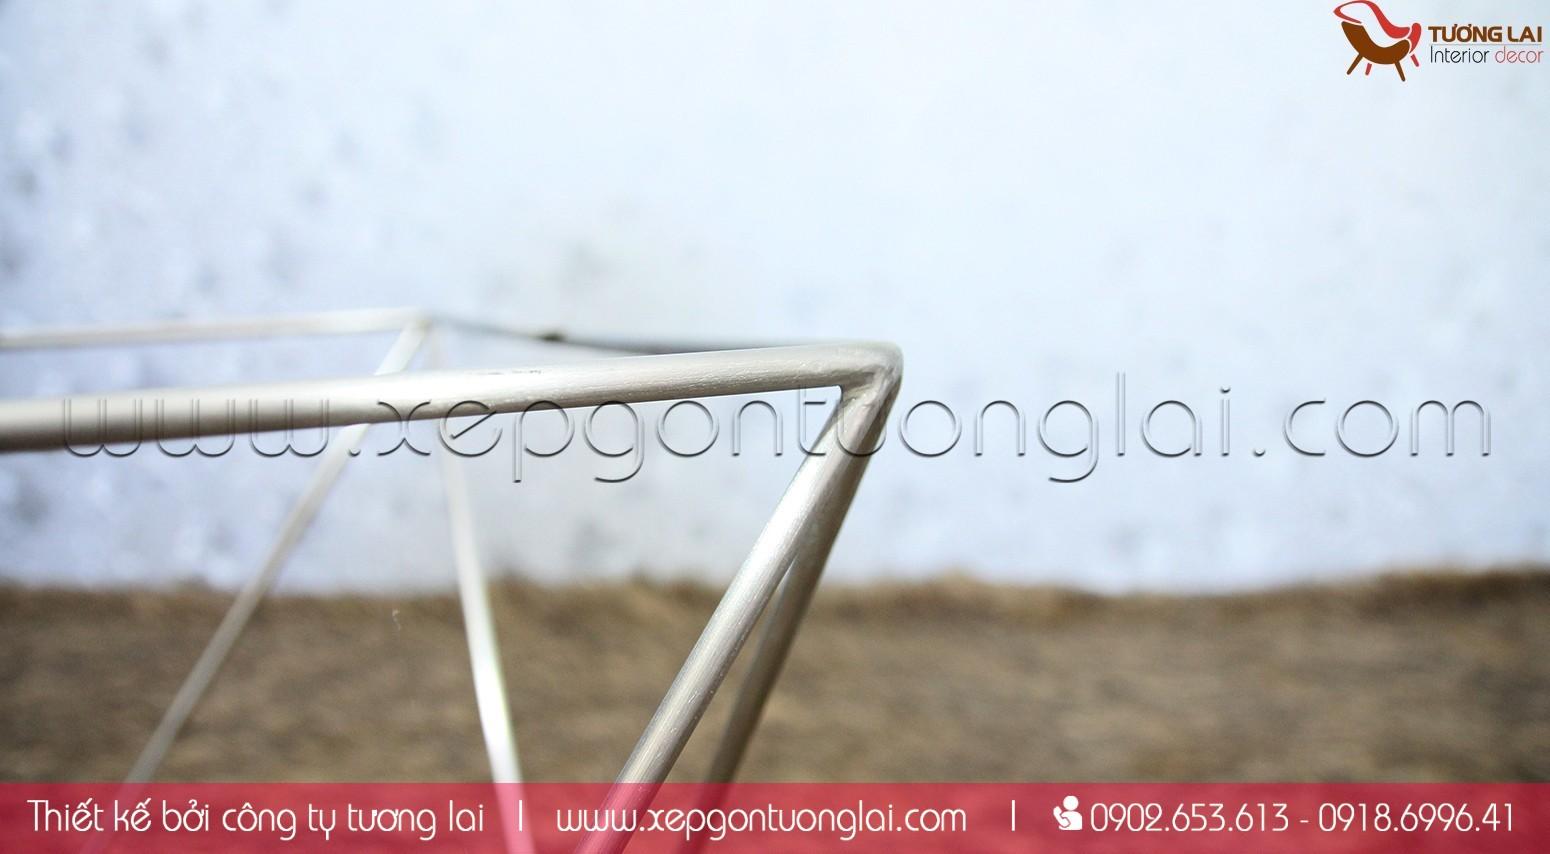 Gia công inox- bàn sofa chân inox kiểu